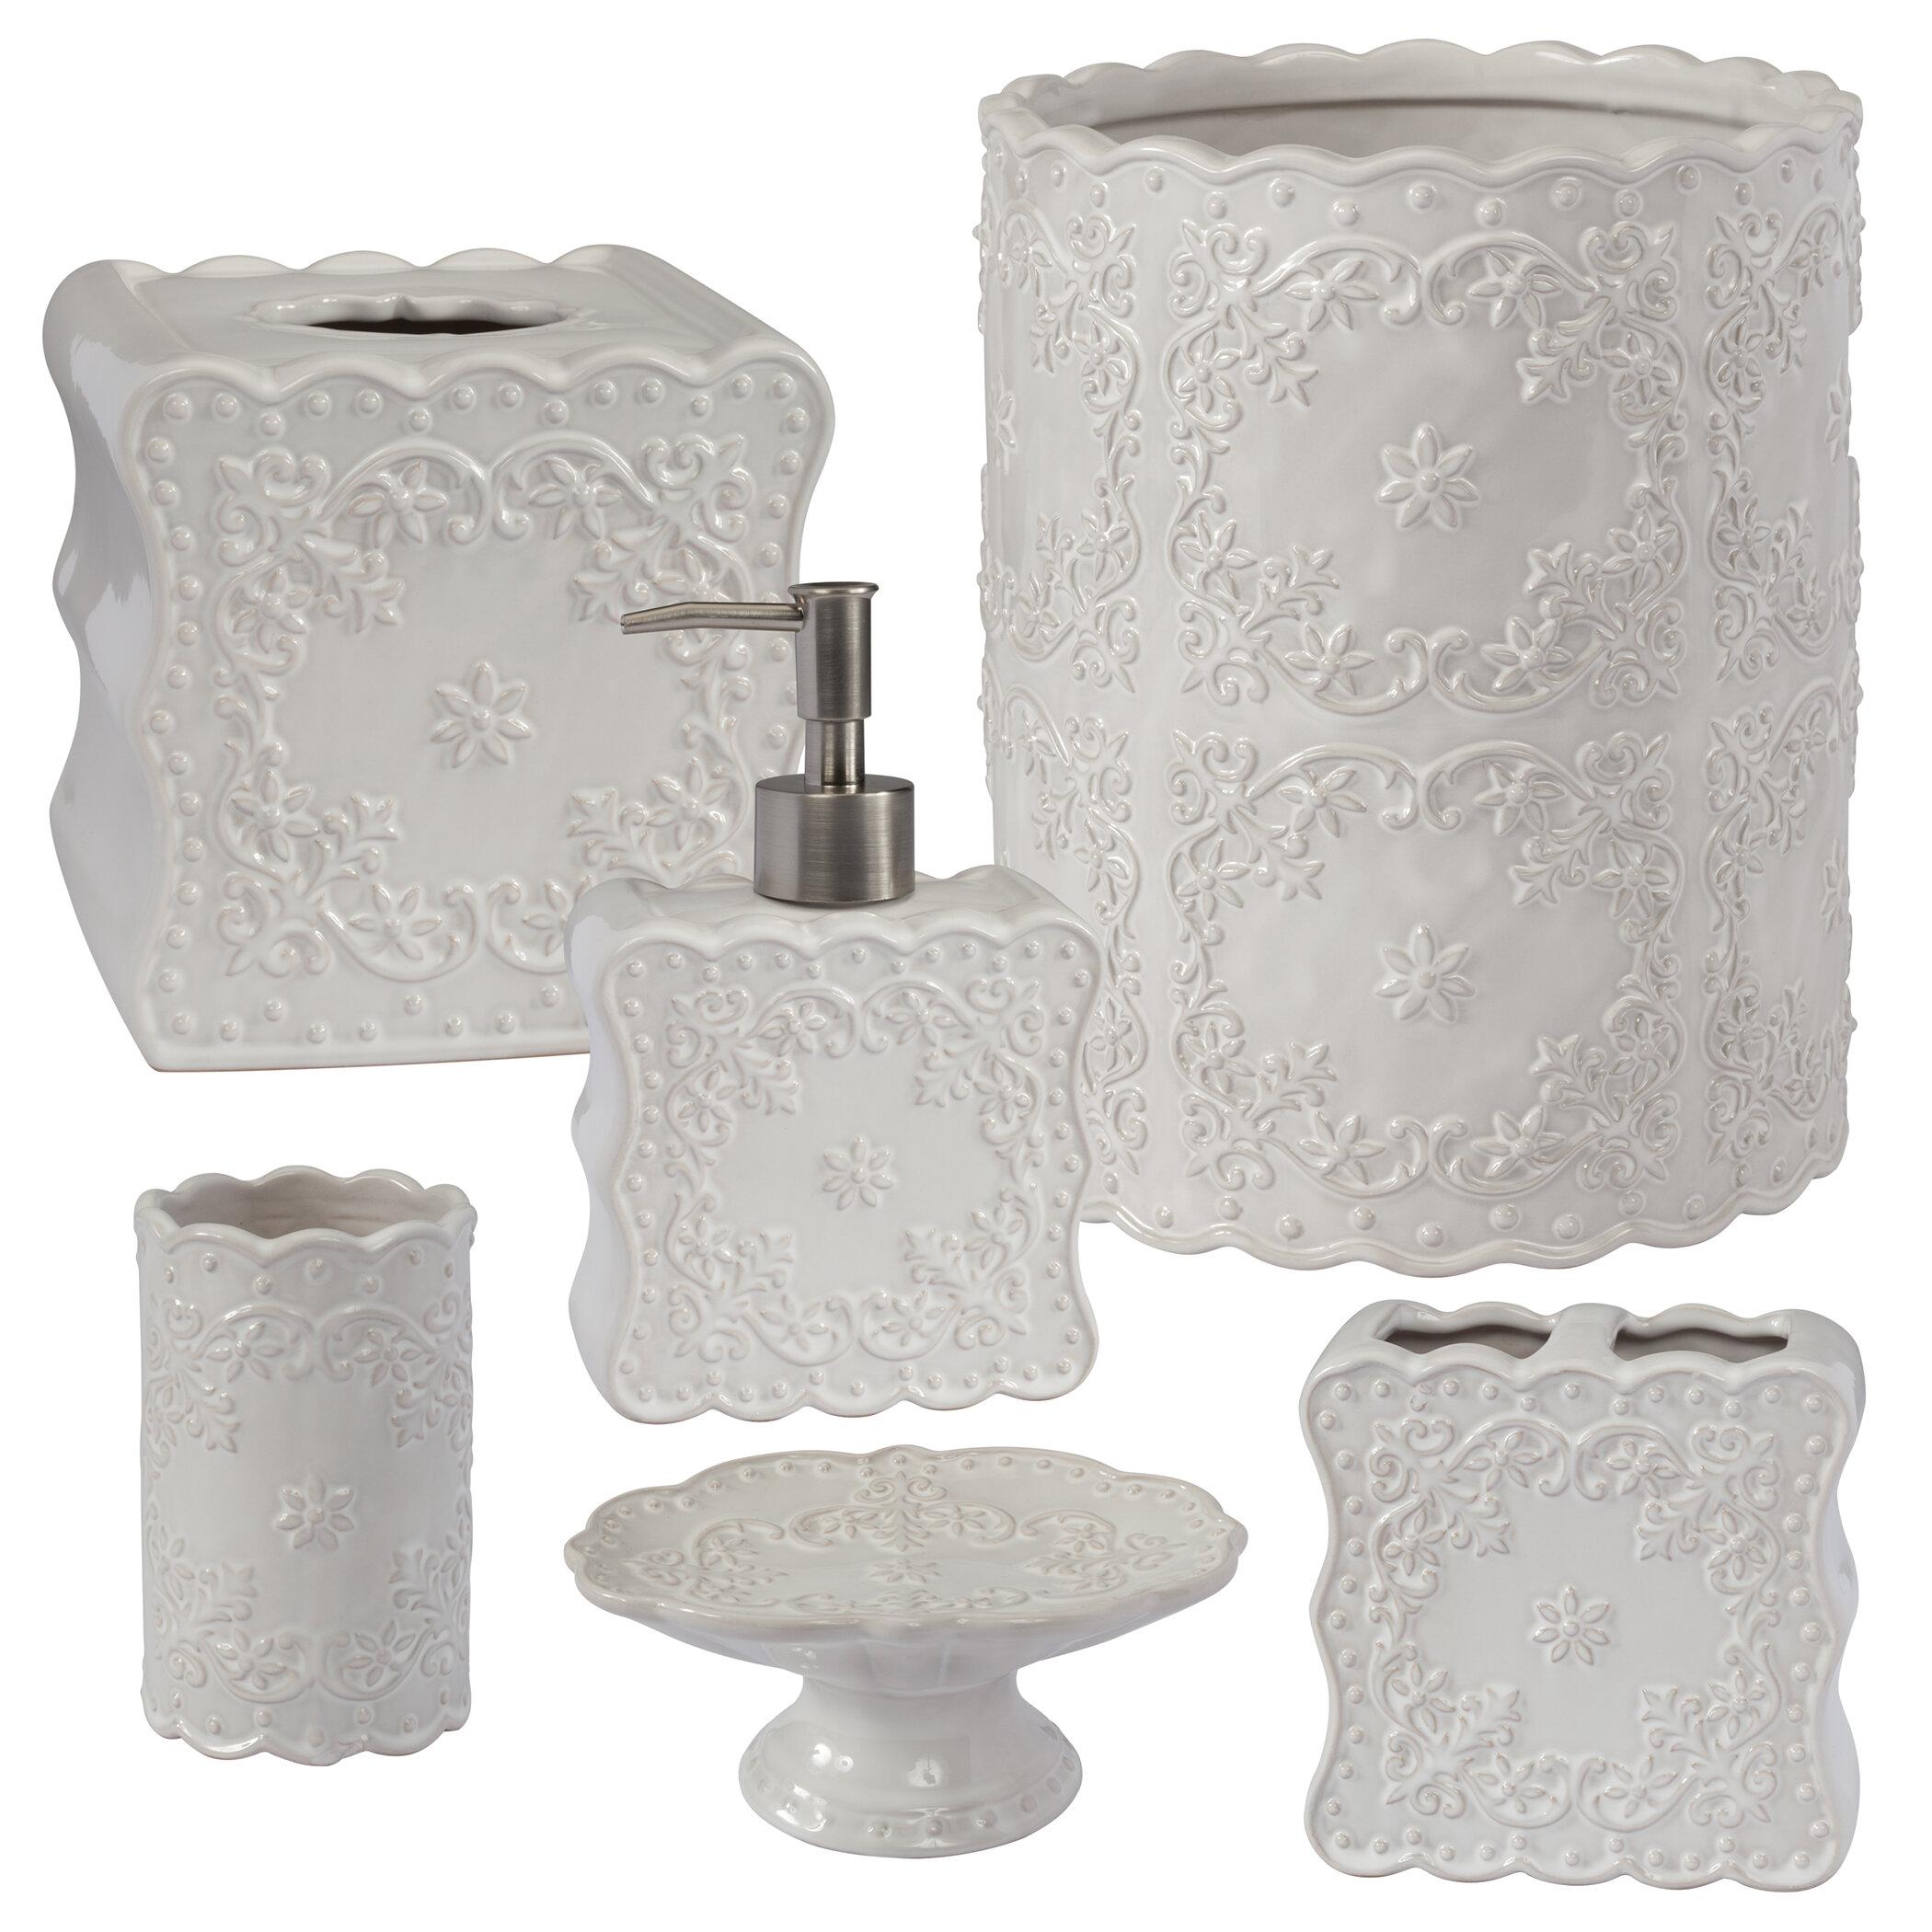 Eller 6 Piece Bathroom Accessory Set